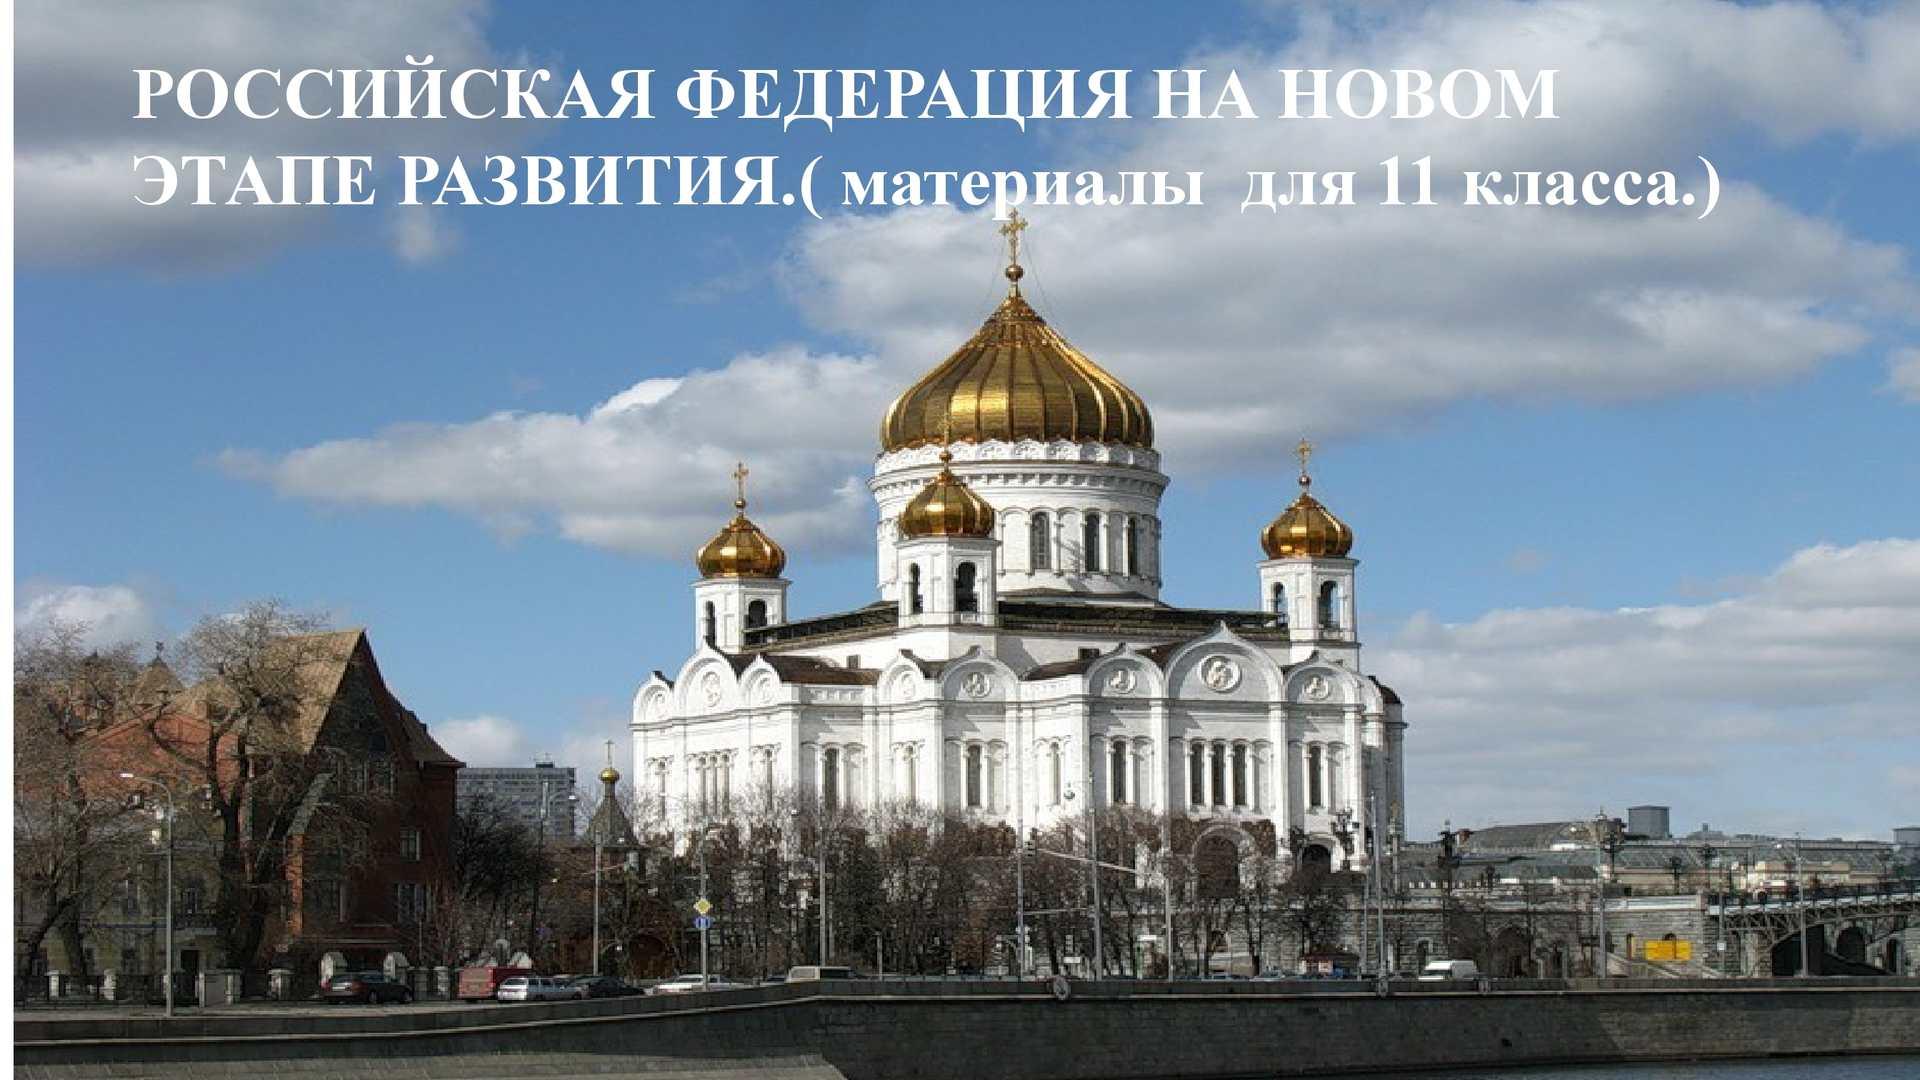 Российская Федерация на новом этапе развития. 11 класс. ( материалы для работы )